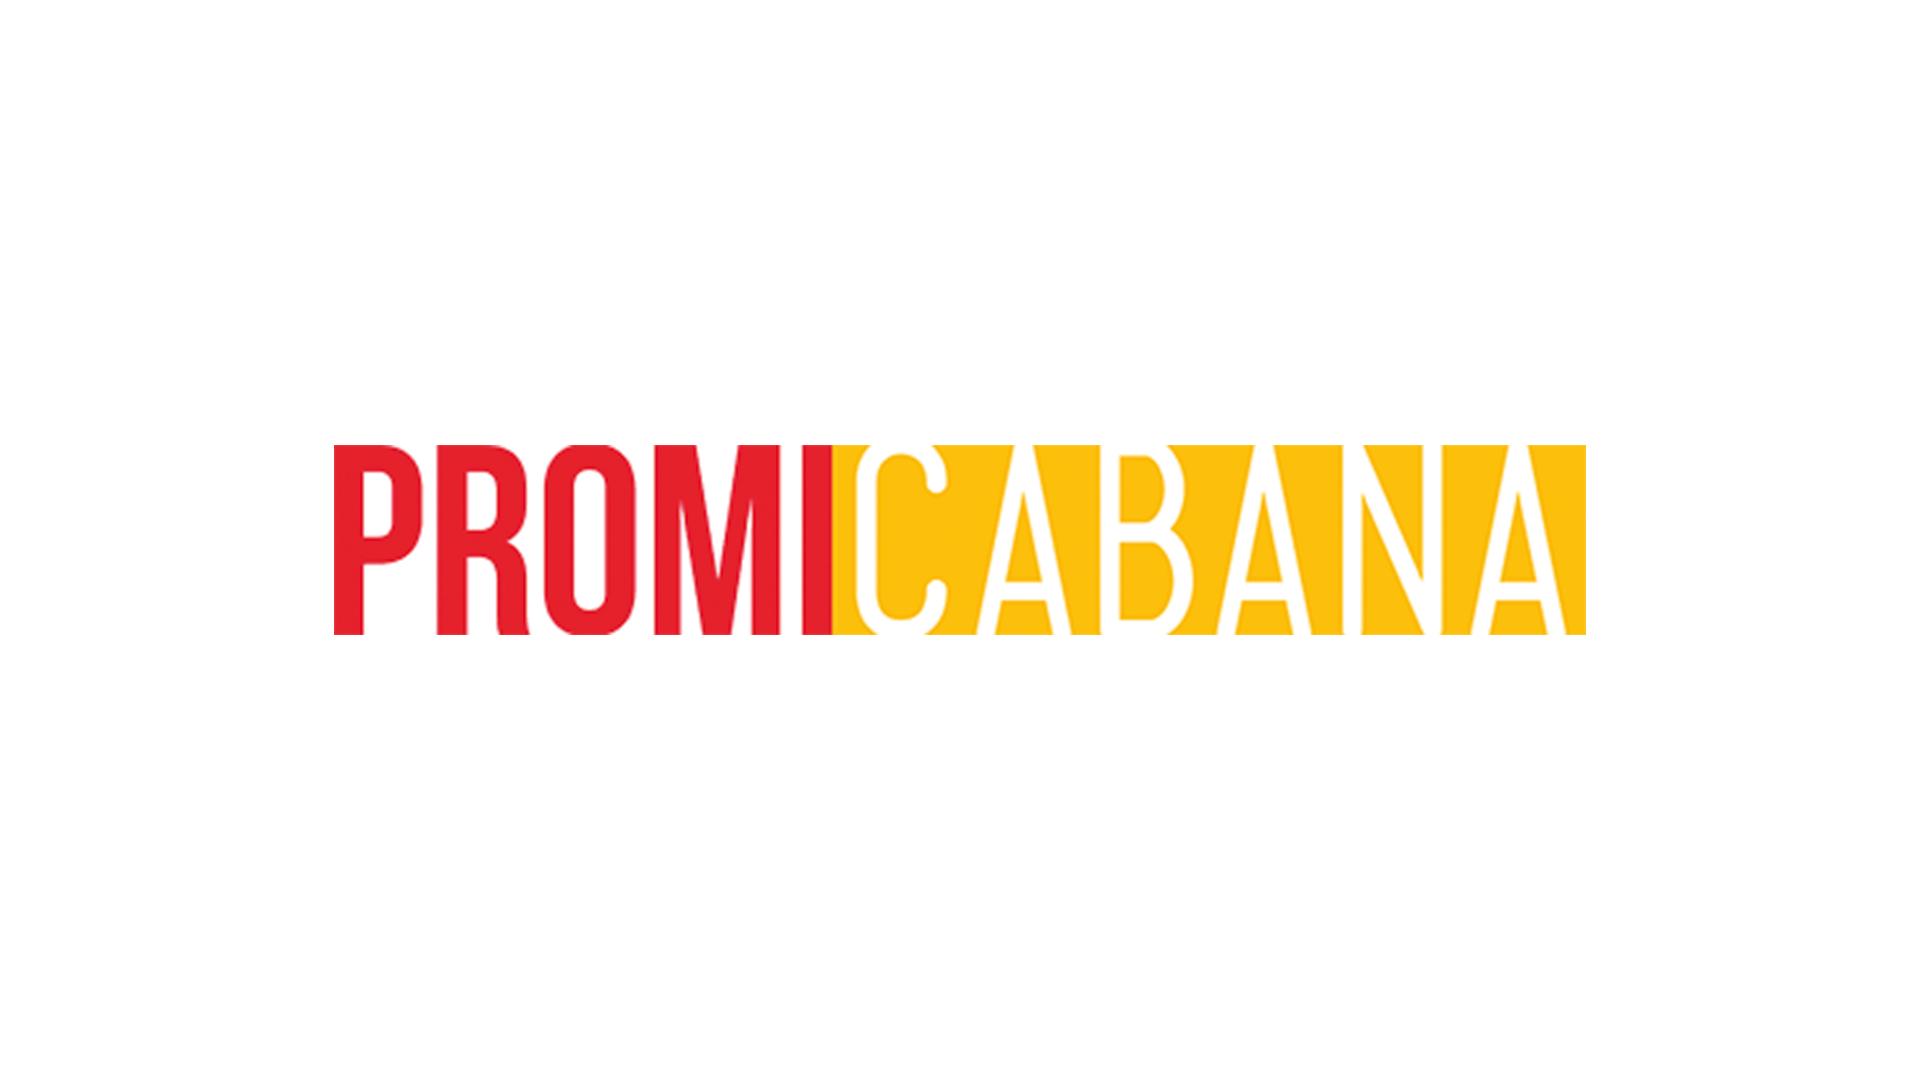 Avengerd-Age-of-Ultron-Thor-Chris-Hemsworth